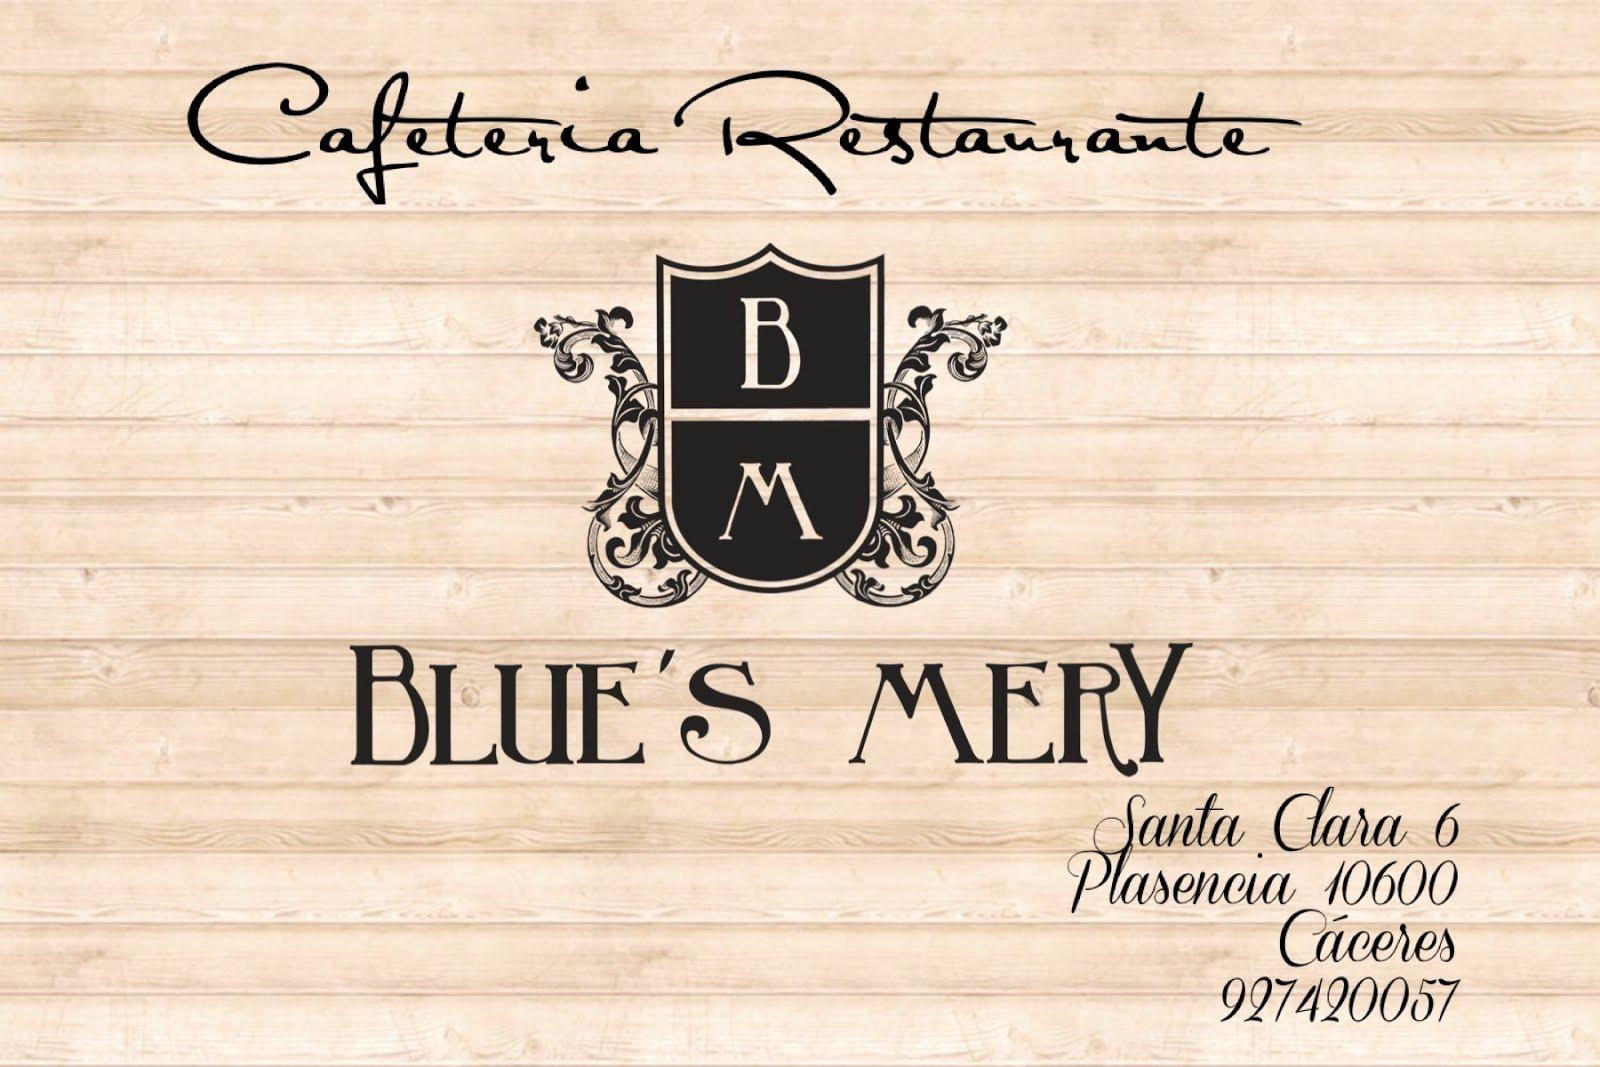 CAFETERIA-RESTAURANTE BLUE'S MARY